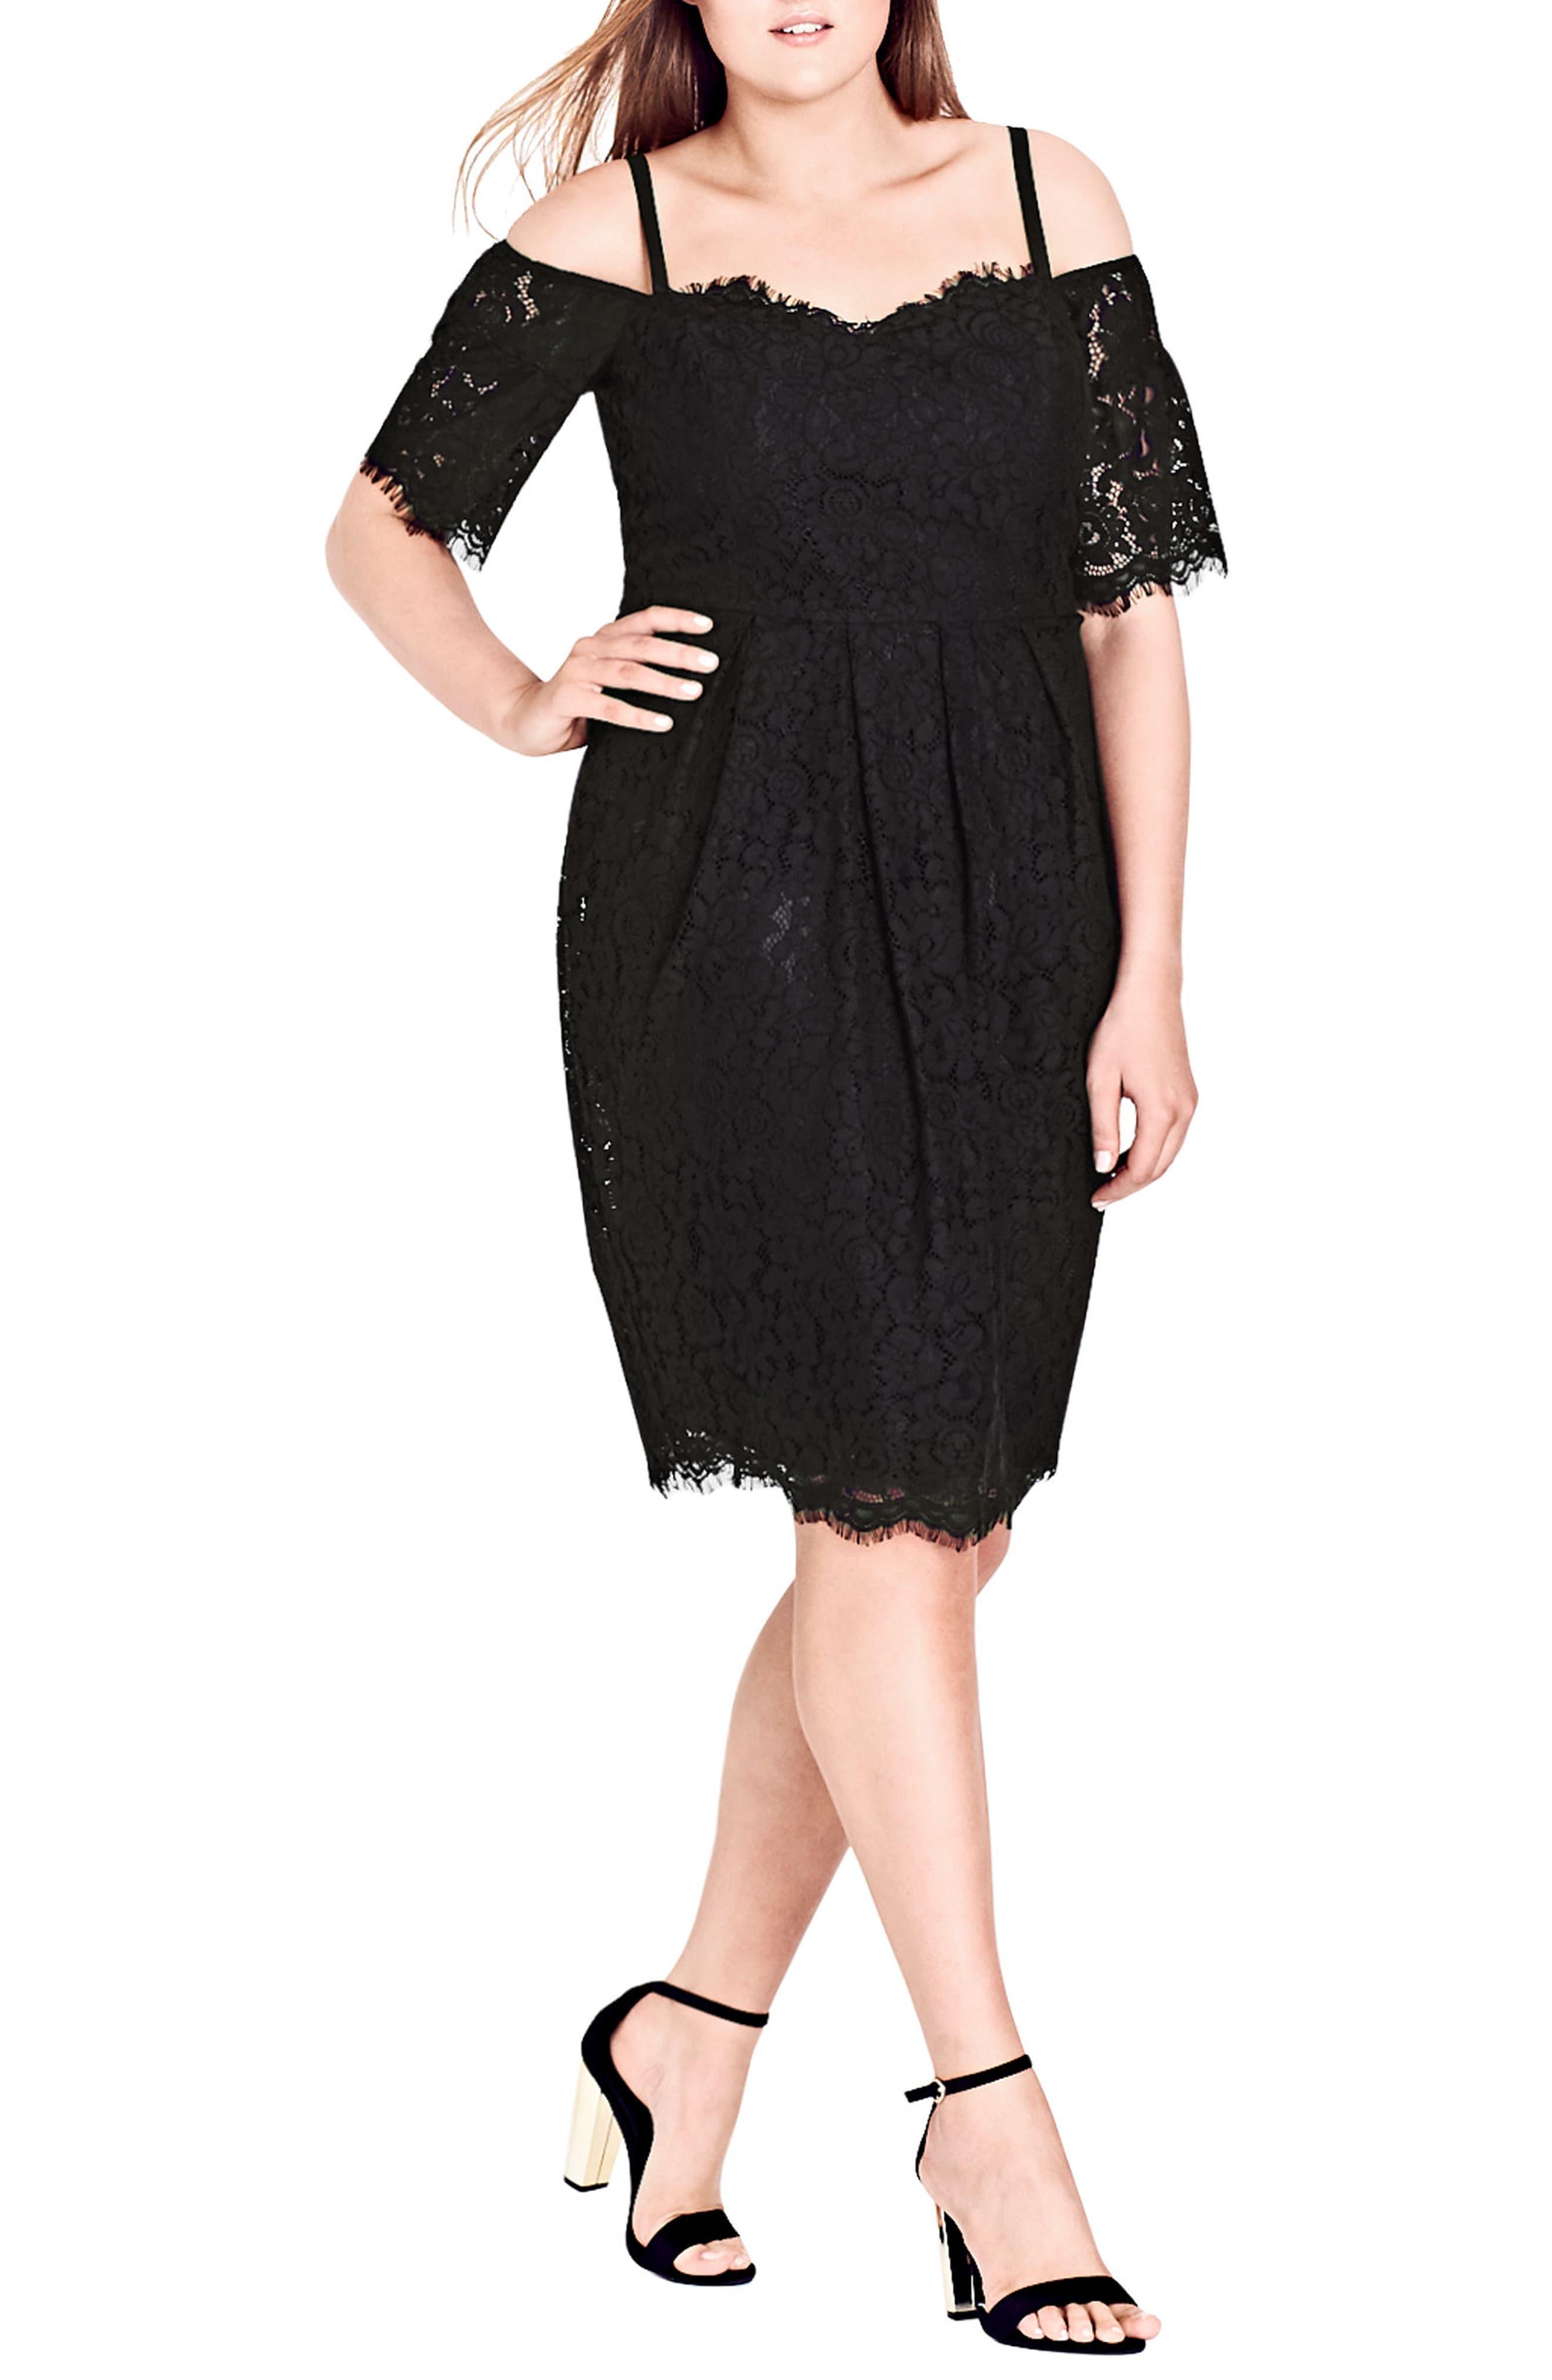 Amour Cold Shoulder Lace Sheath Dress,                             Main thumbnail 1, color,                             Black